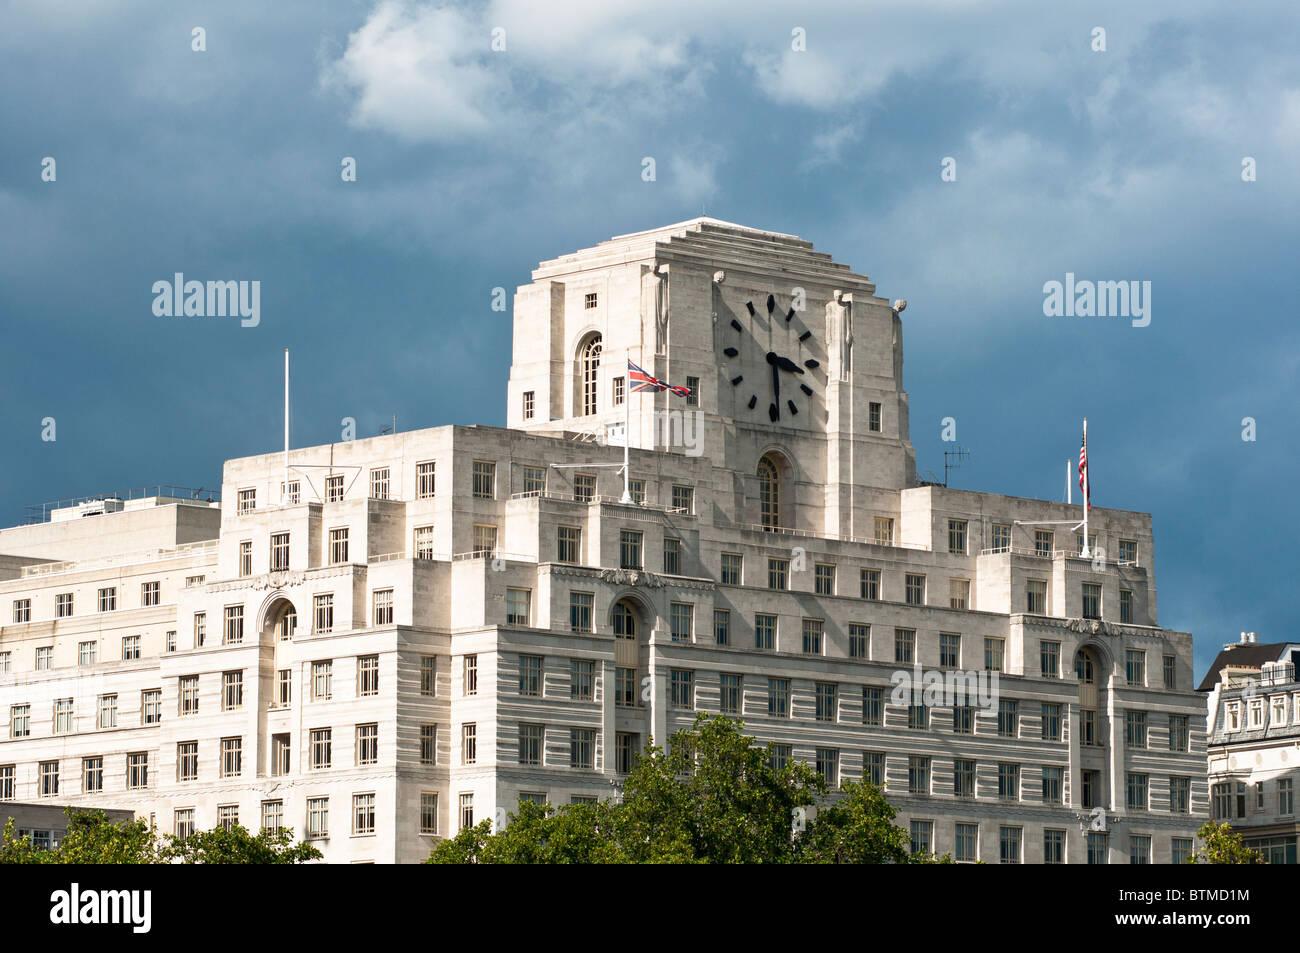 Art Deco Building London Stock Photos & Art Deco Building London ...